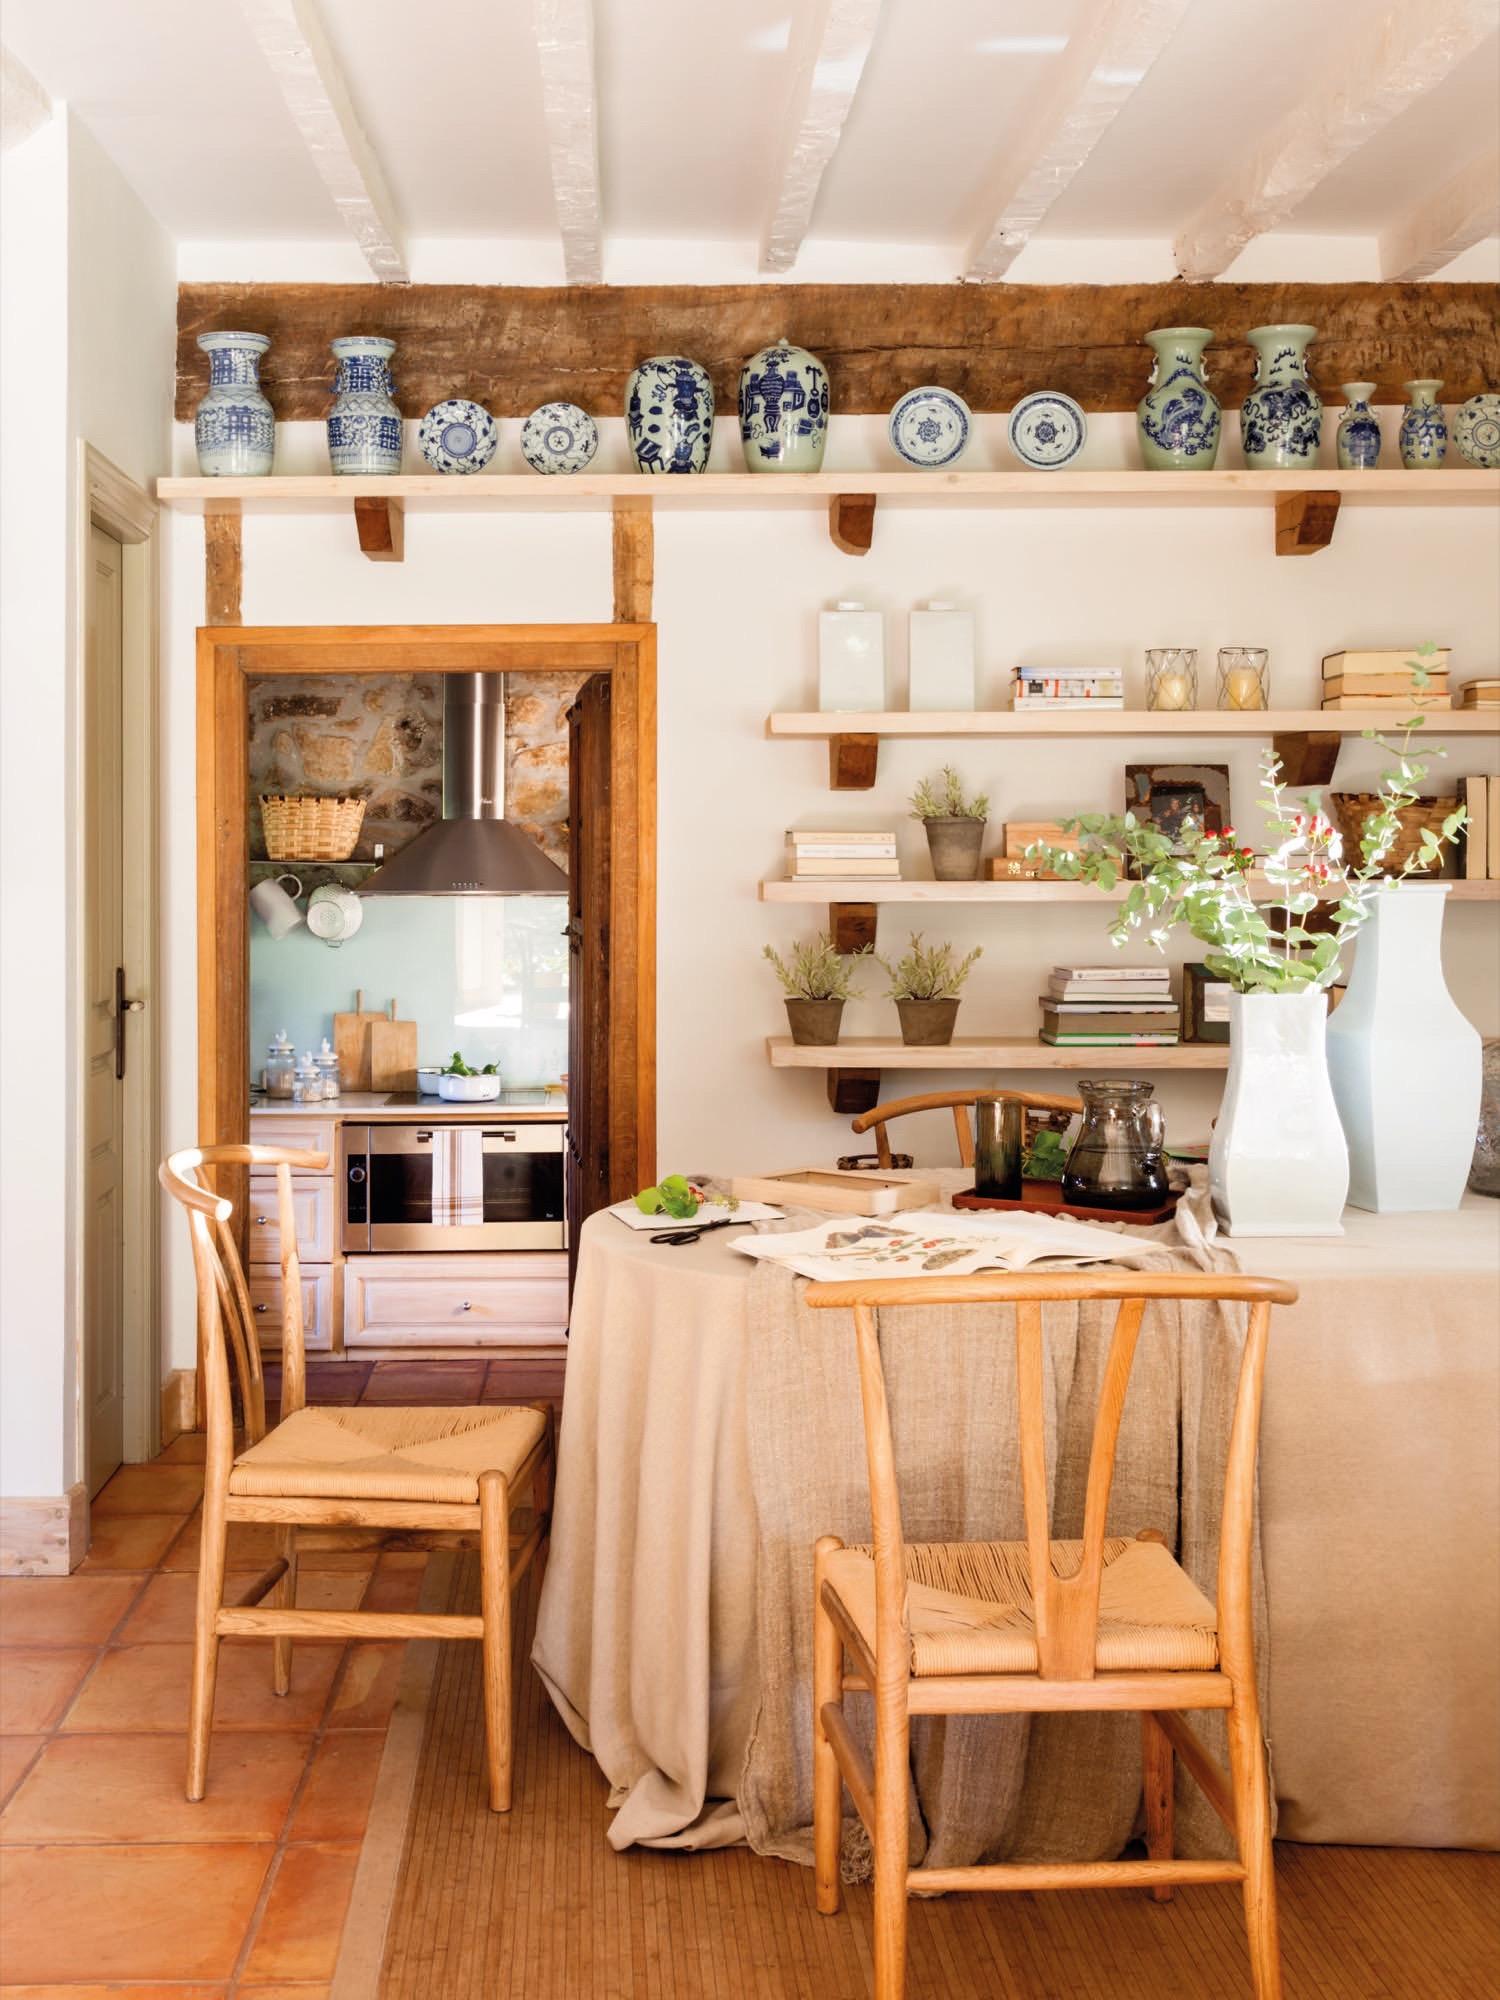 comedor de una casa rustica con manteles de lino largos